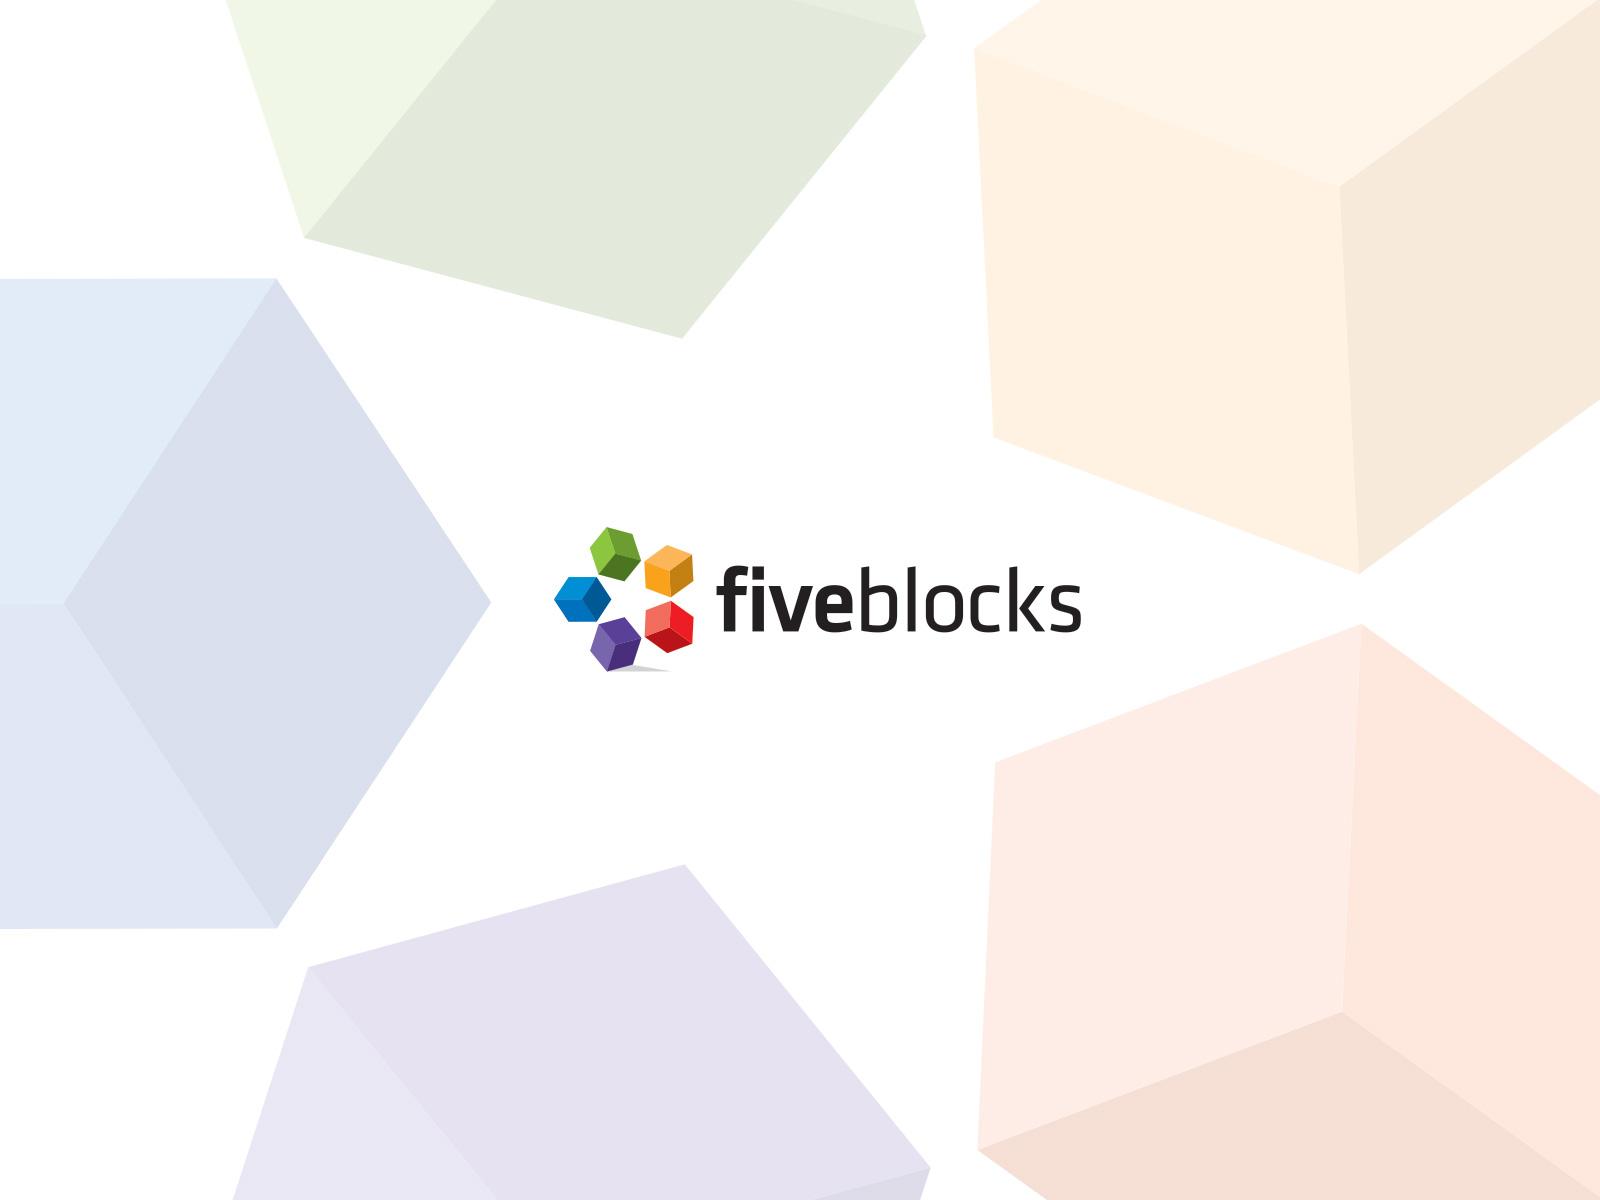 Five blocks1